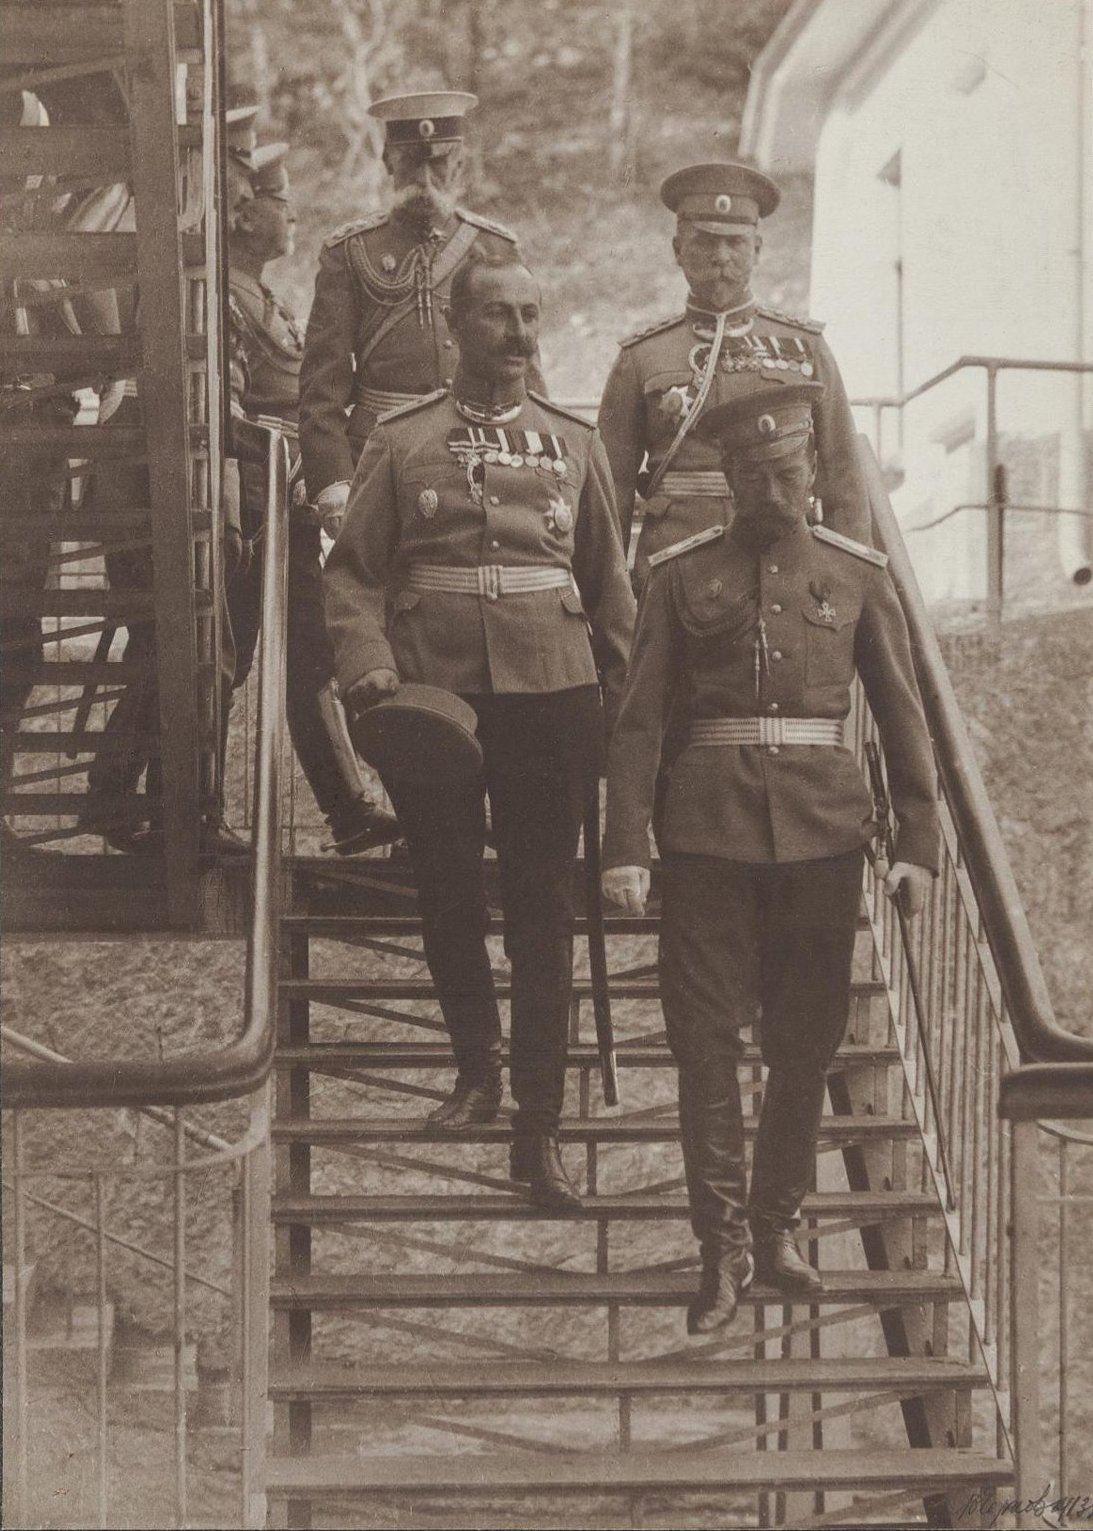 1913. Пребывание Николая II в Ореанде. Николай II с группой военных на ступенях. 24 октября